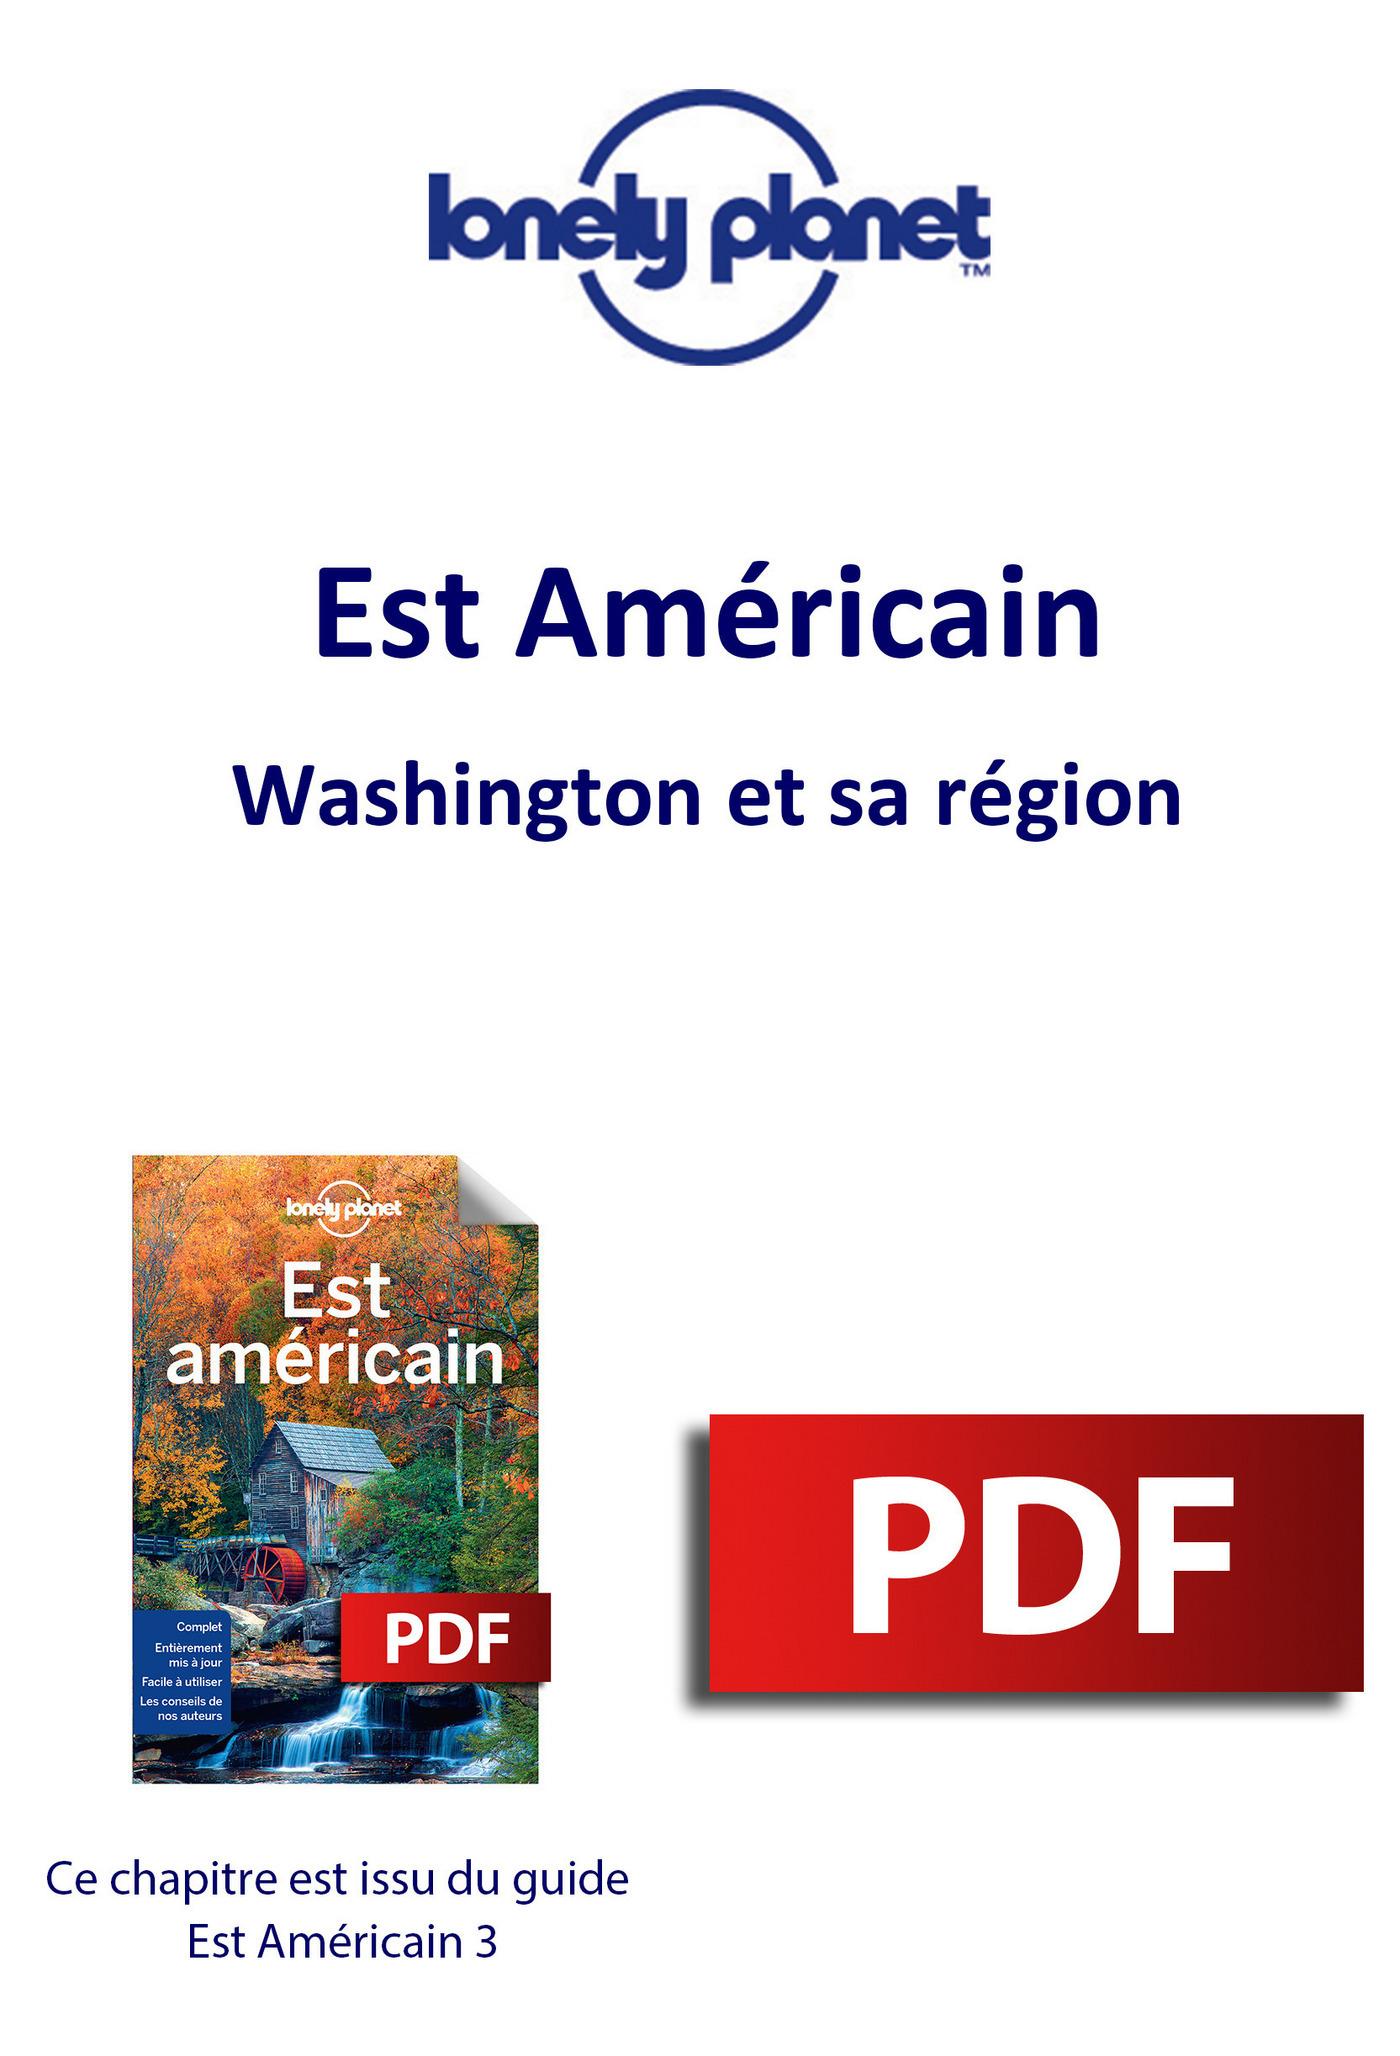 Est Américain - Washington et sa région